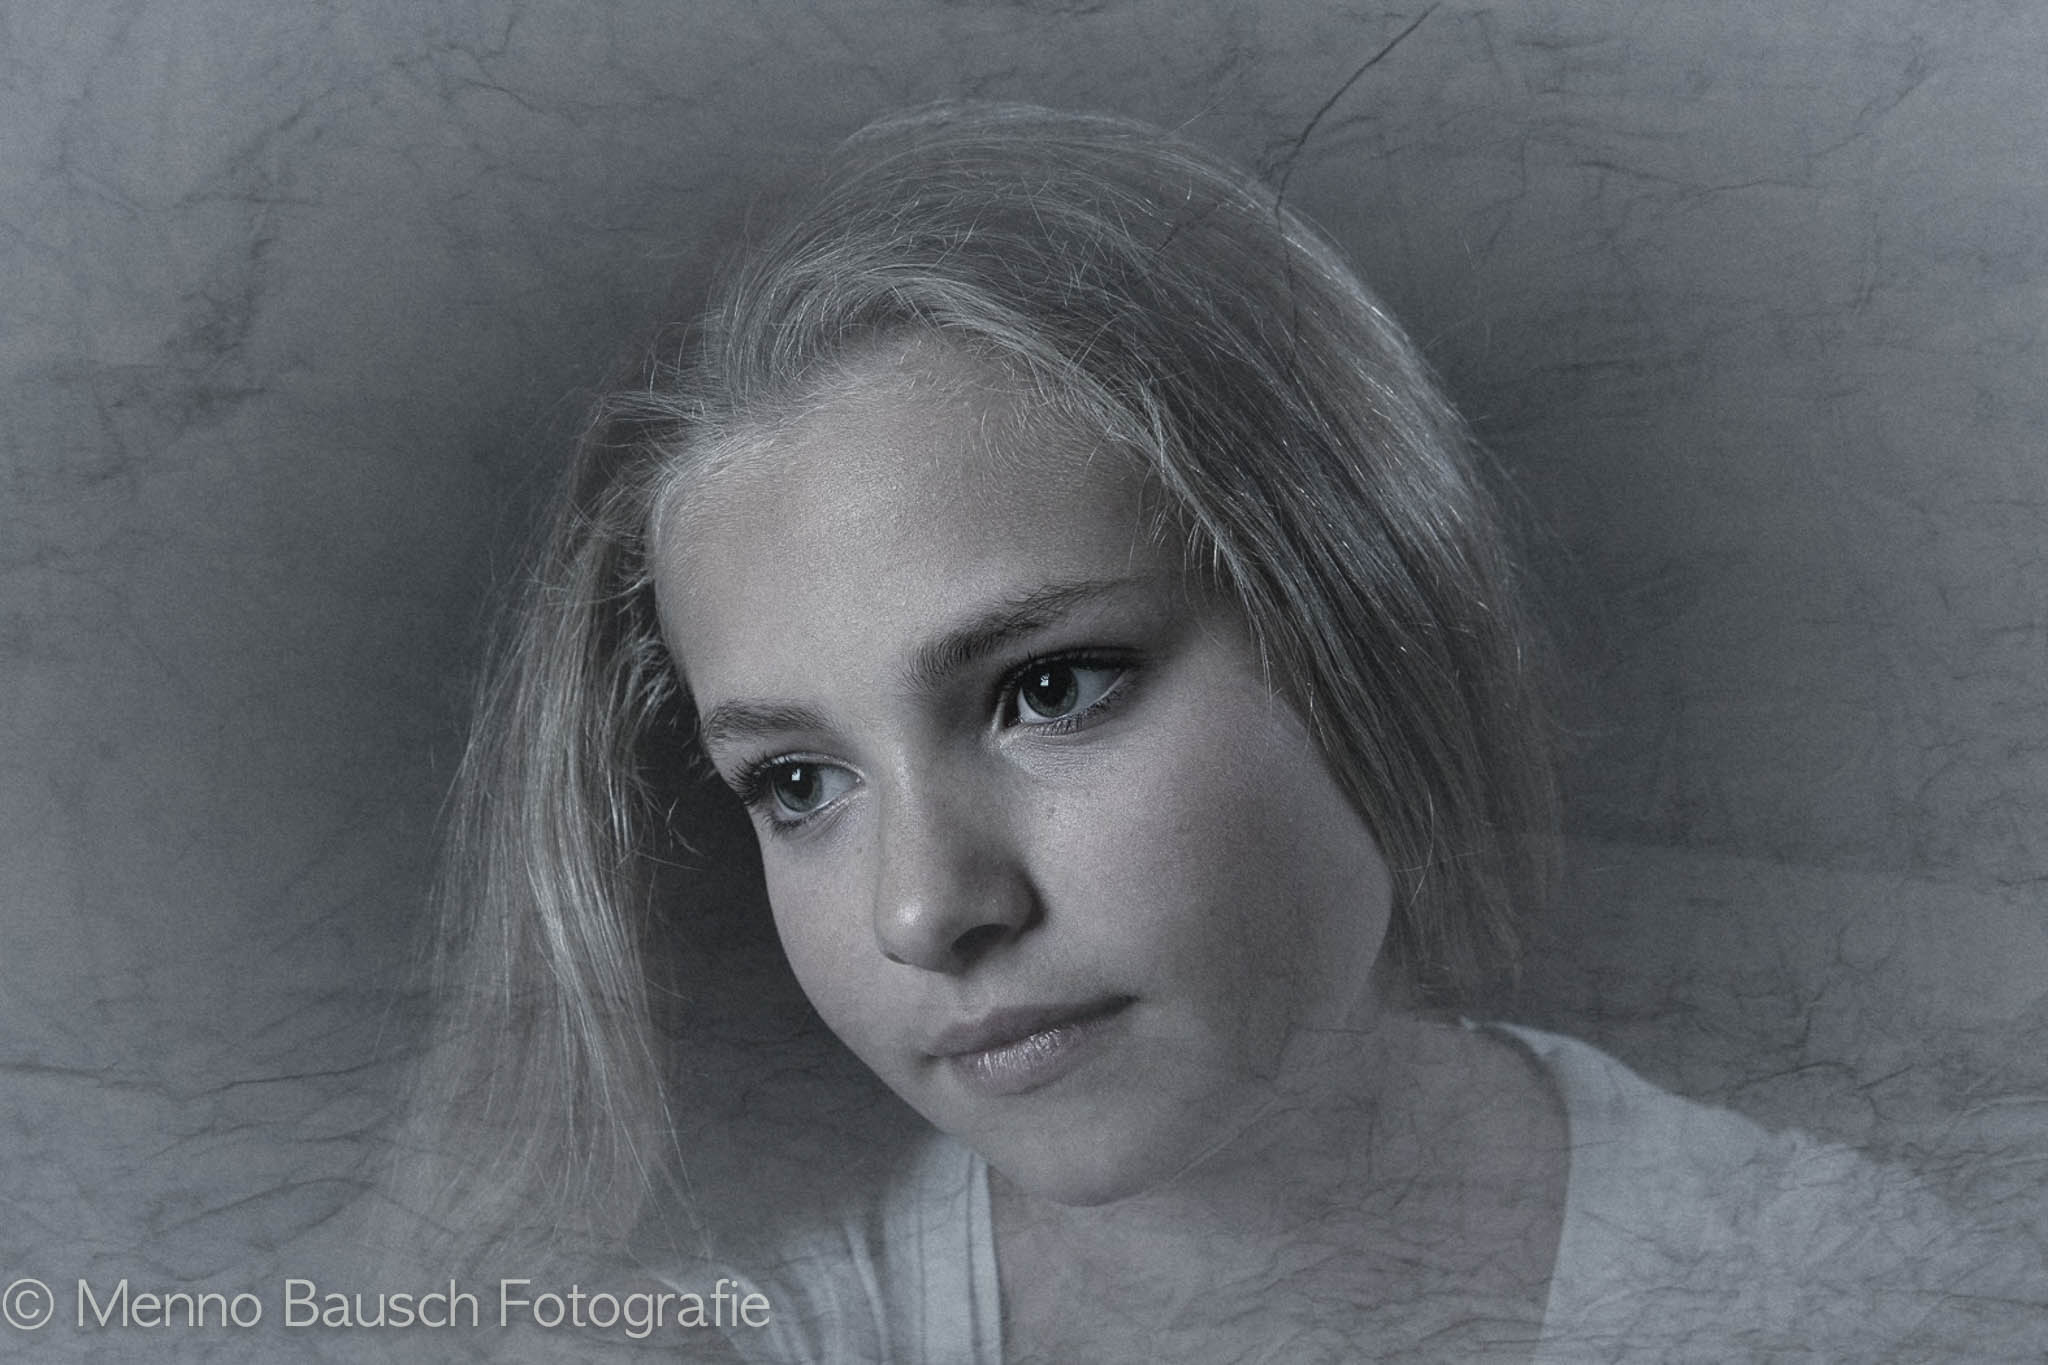 Menno Bausch Fotografie13